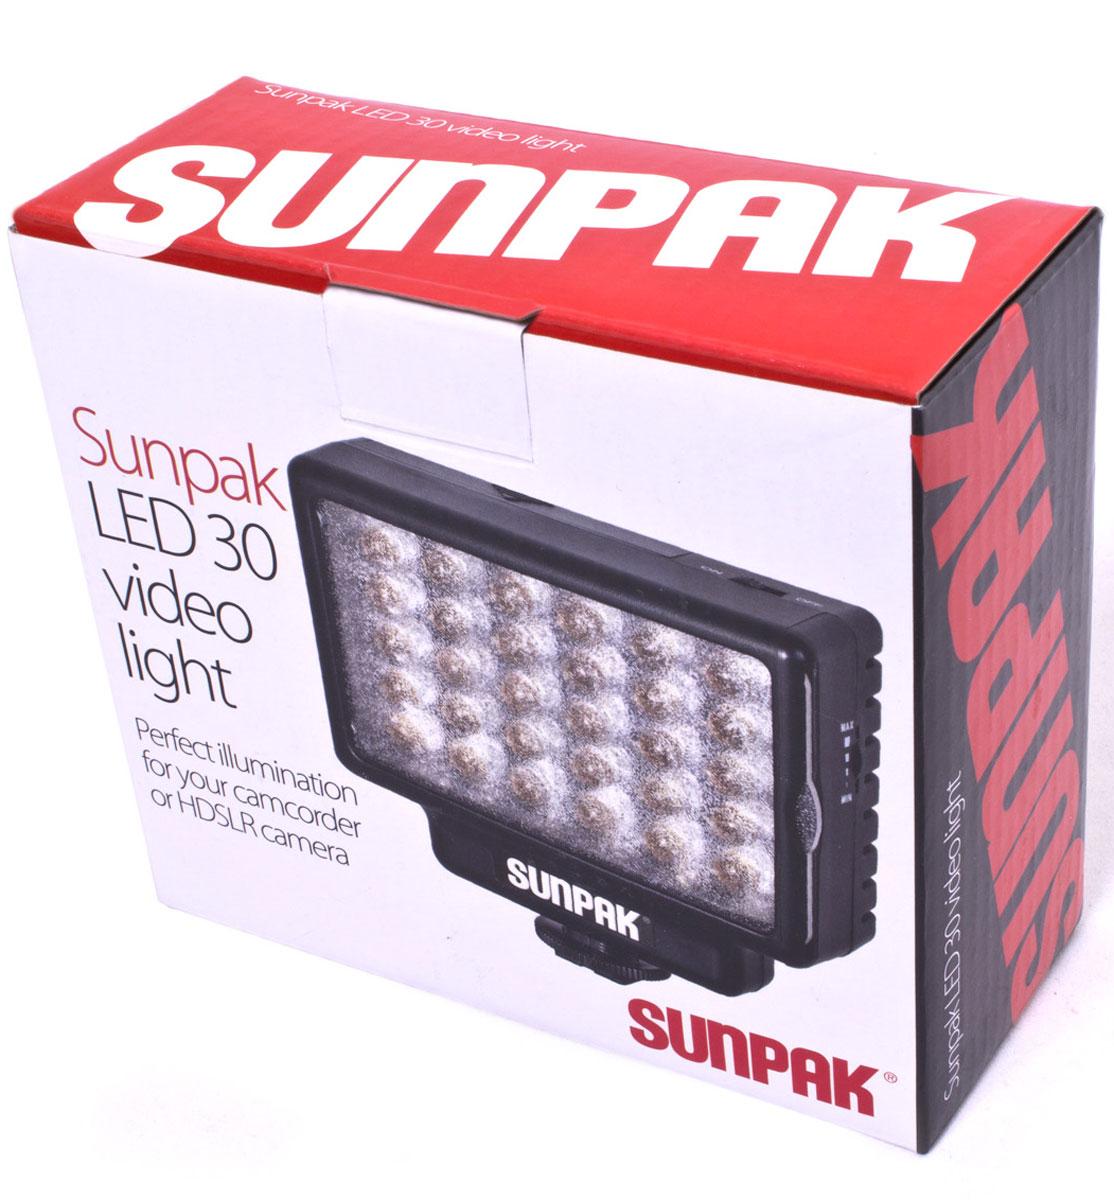 Sunpak LED 30 студийный осветитель